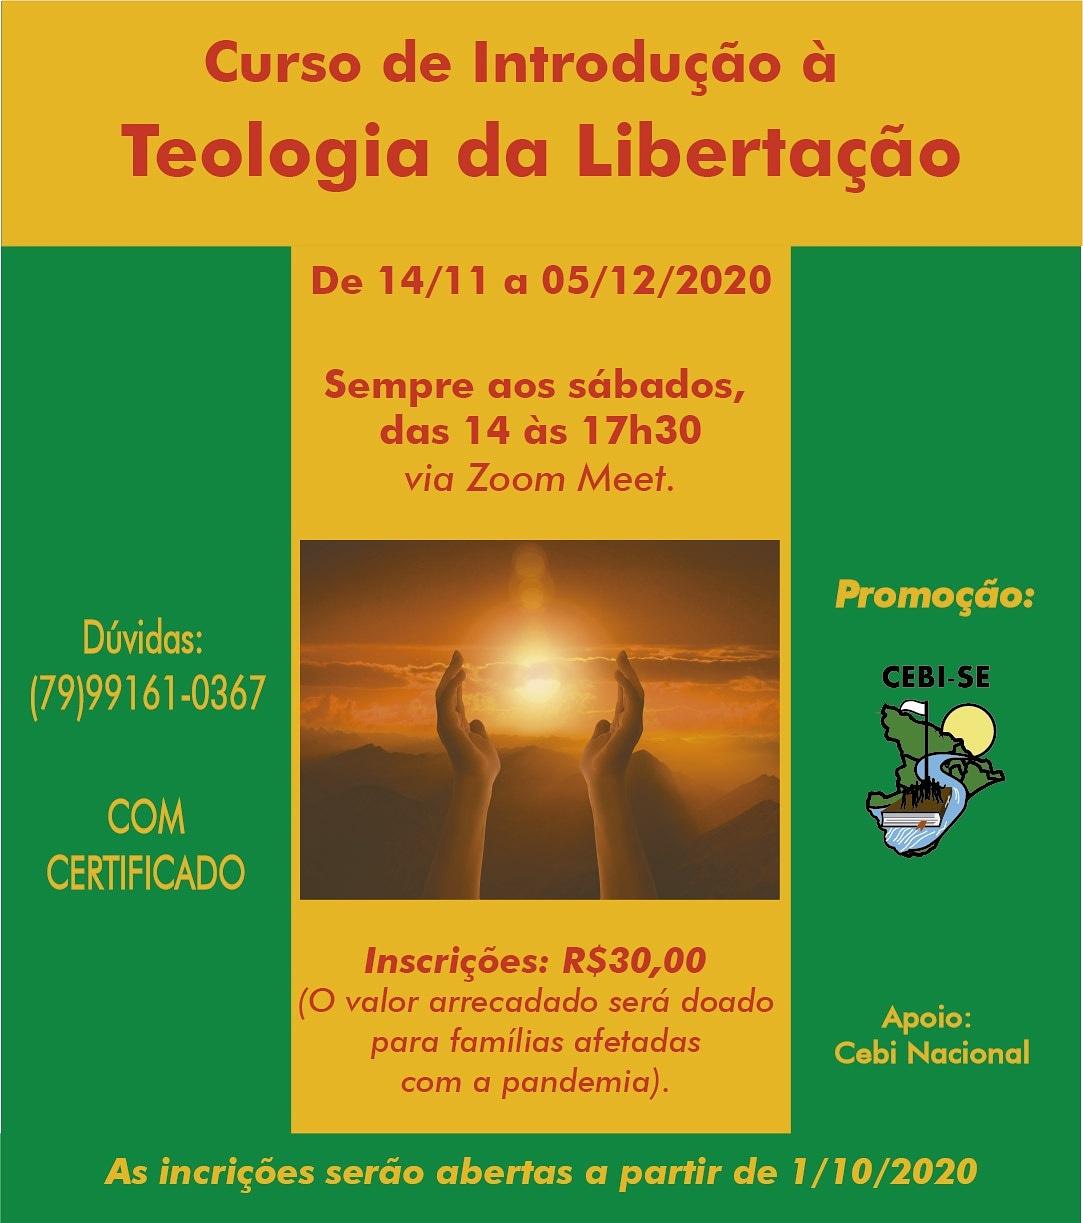 CEBI Sergipe realizará curso sobre Teologia da Libertação, com inscrições começando hoje